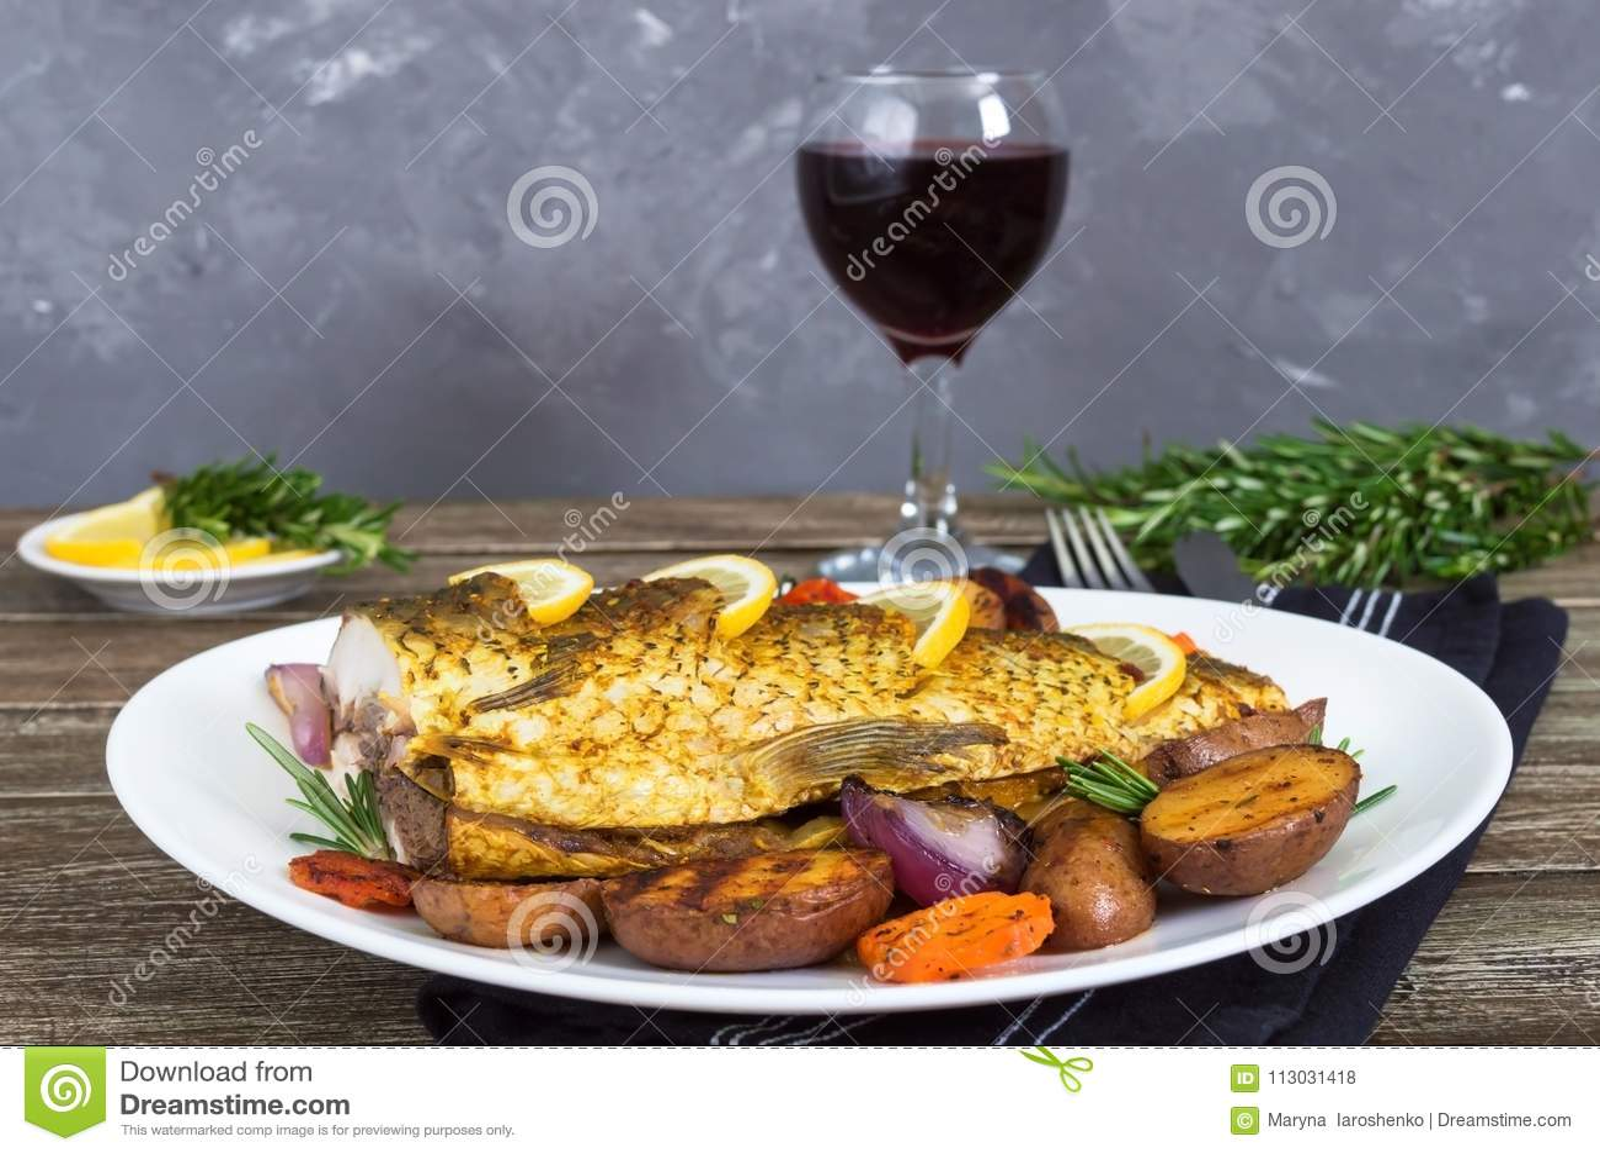 La carpa cocida con las verduras asó a la parrilla en una placa blanca